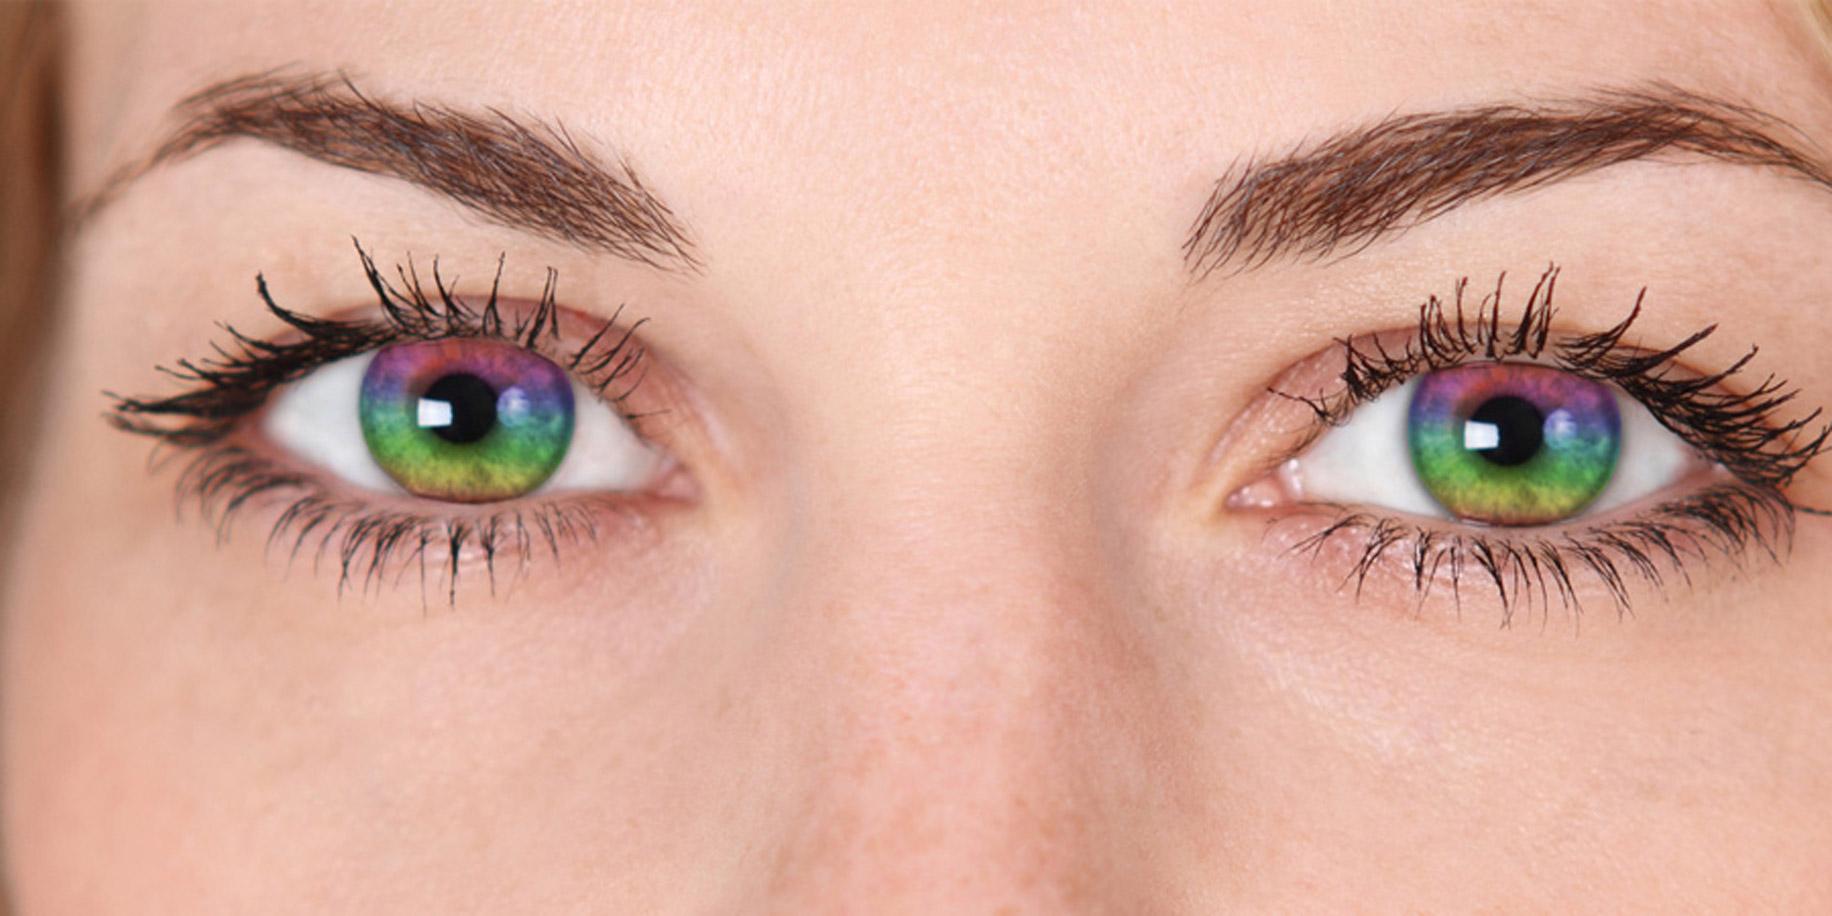 картинки глаз не соединяются можно